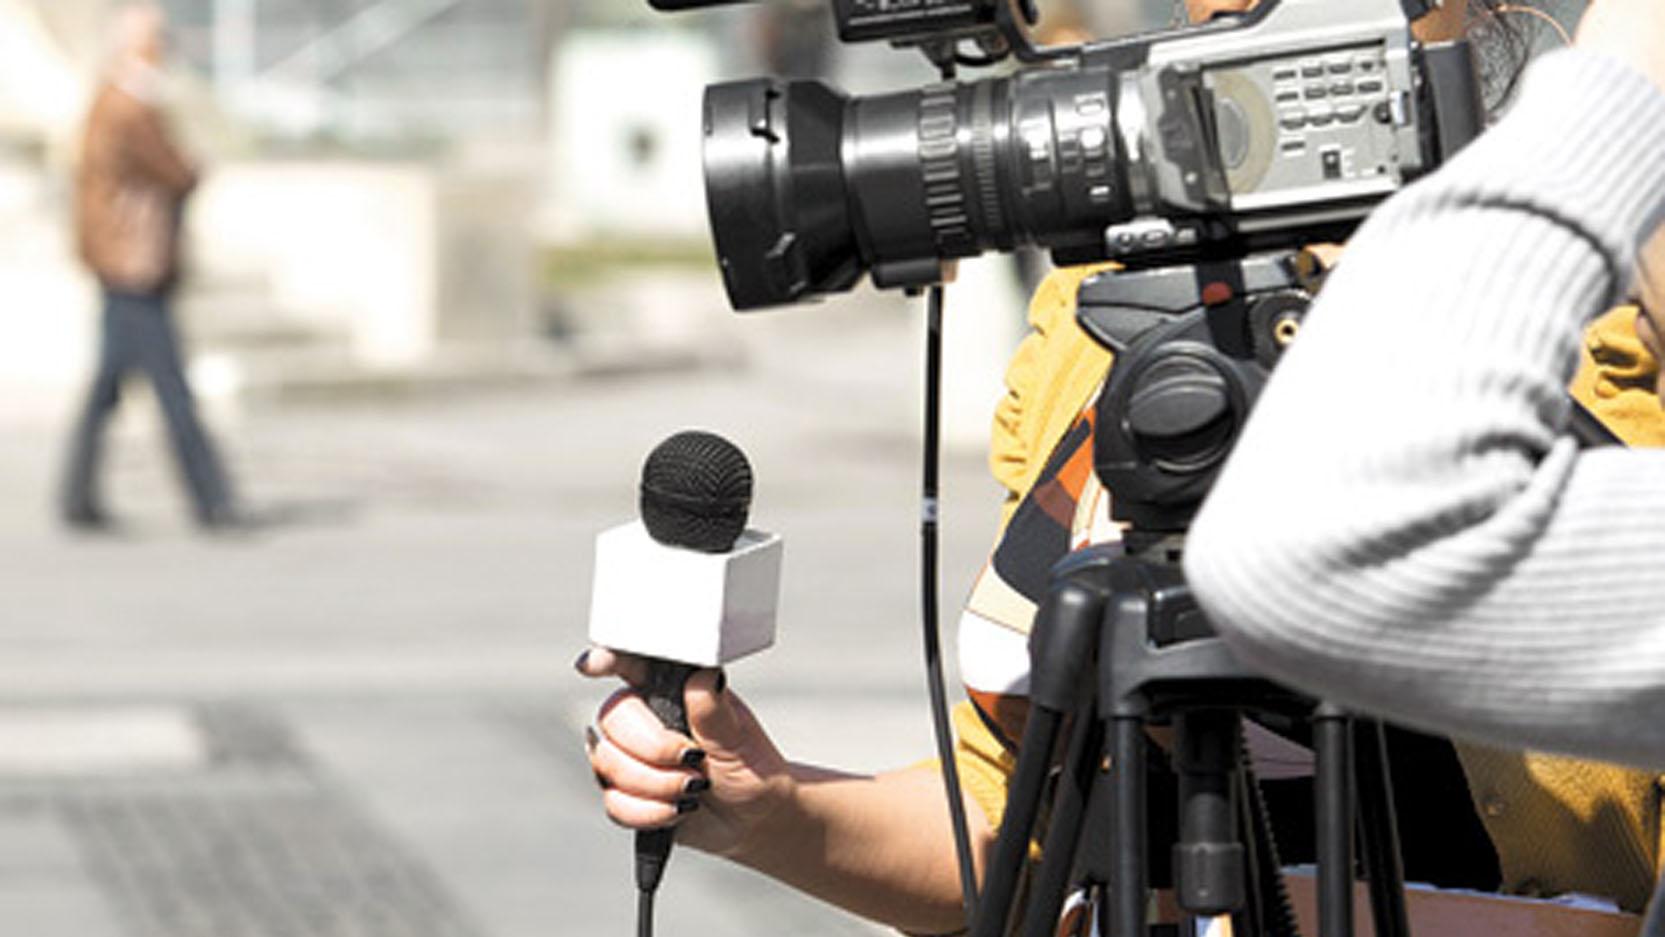 De acuerdo con la cadena Televisión Española, a un equipo enviado a Venezuela les fue negada la entrada al país